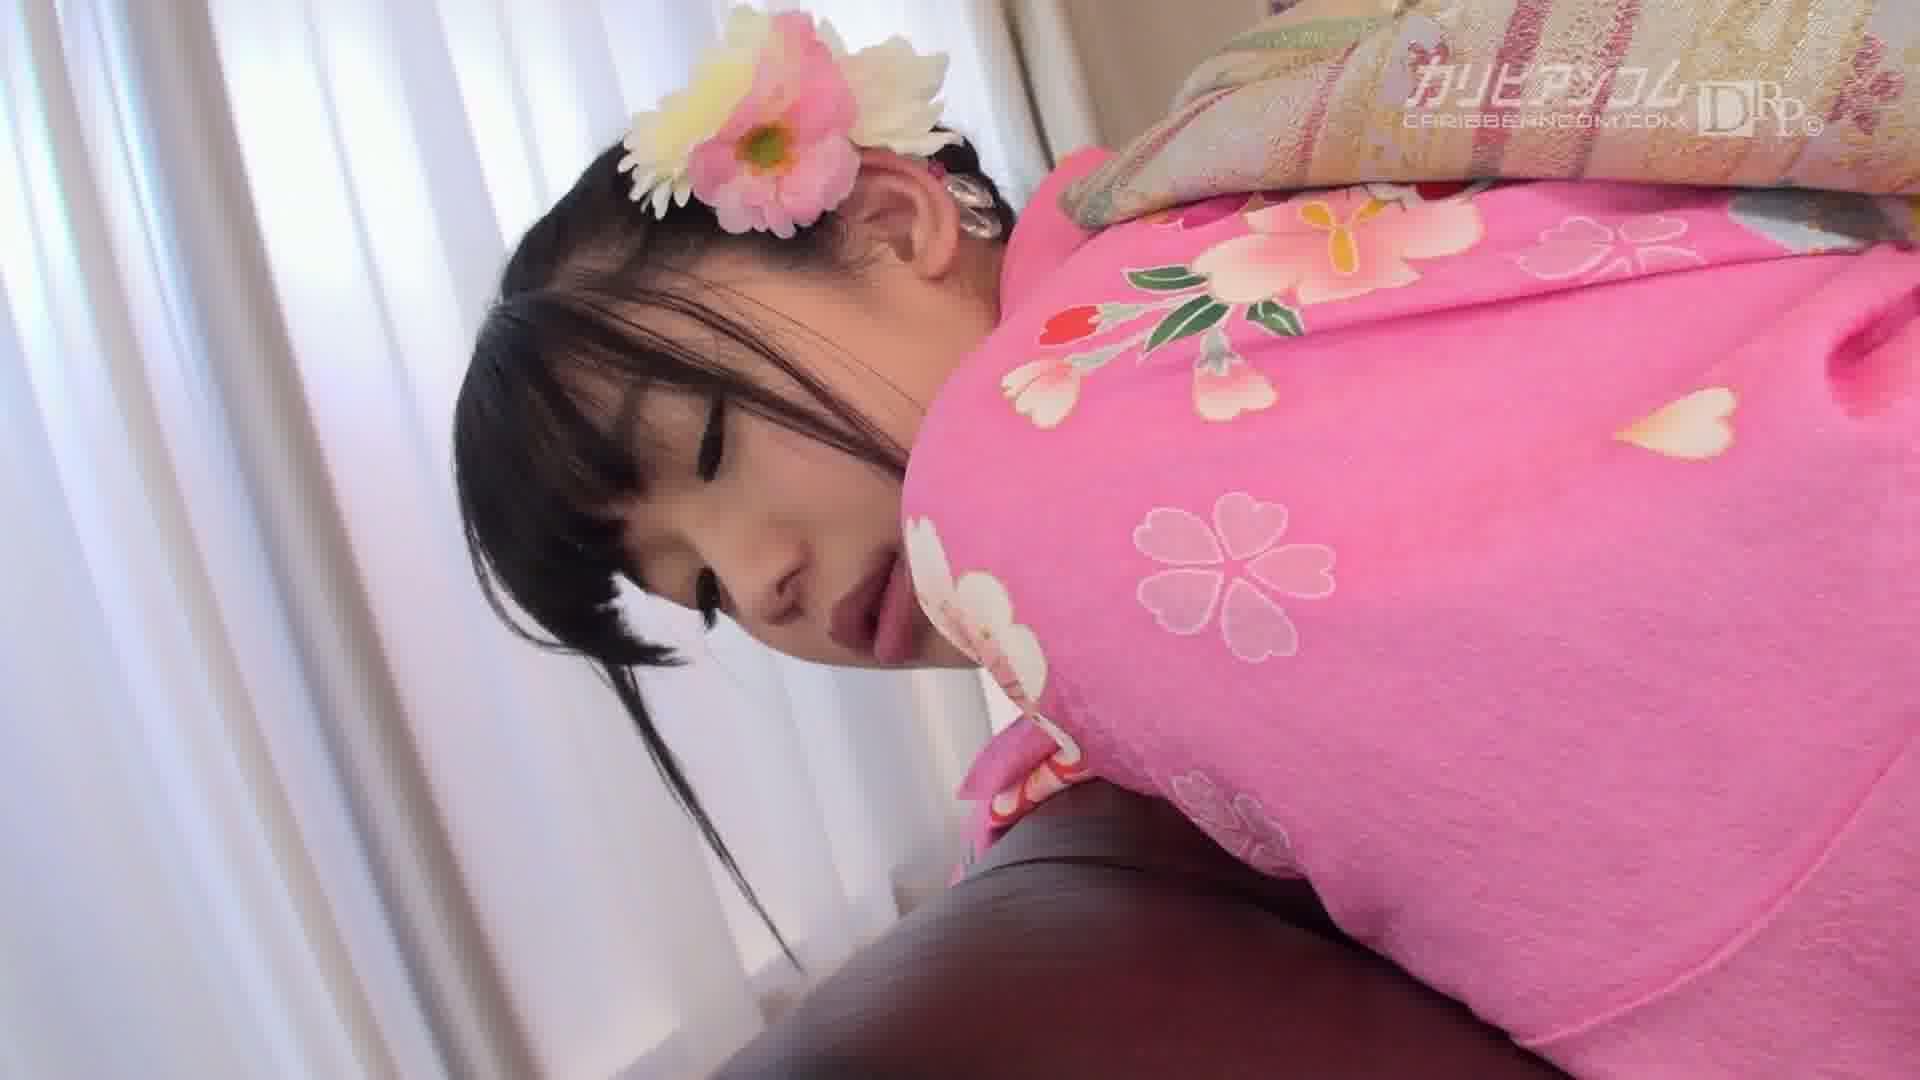 カリビアンキューティー Vol.30 - 姫川ゆうな【スレンダー・オナニー・美乳】